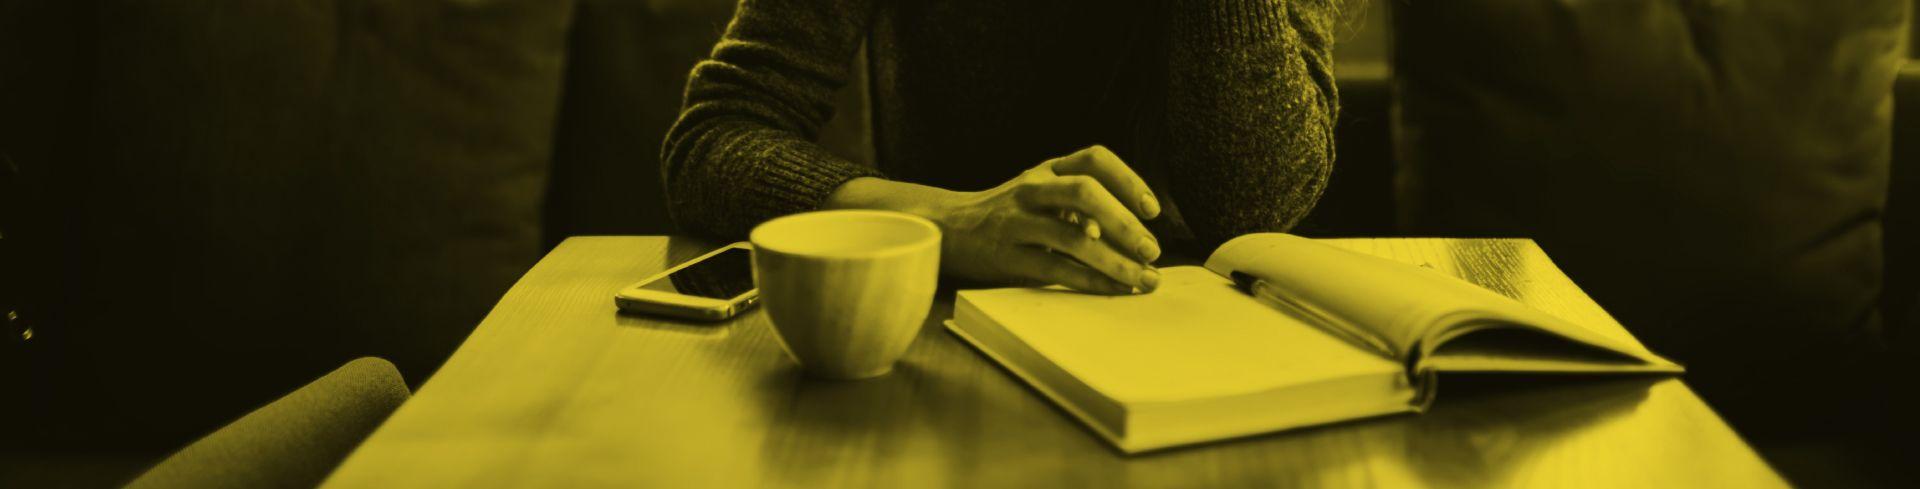 Autobiografía y autoficción: escribir desde la experiencia